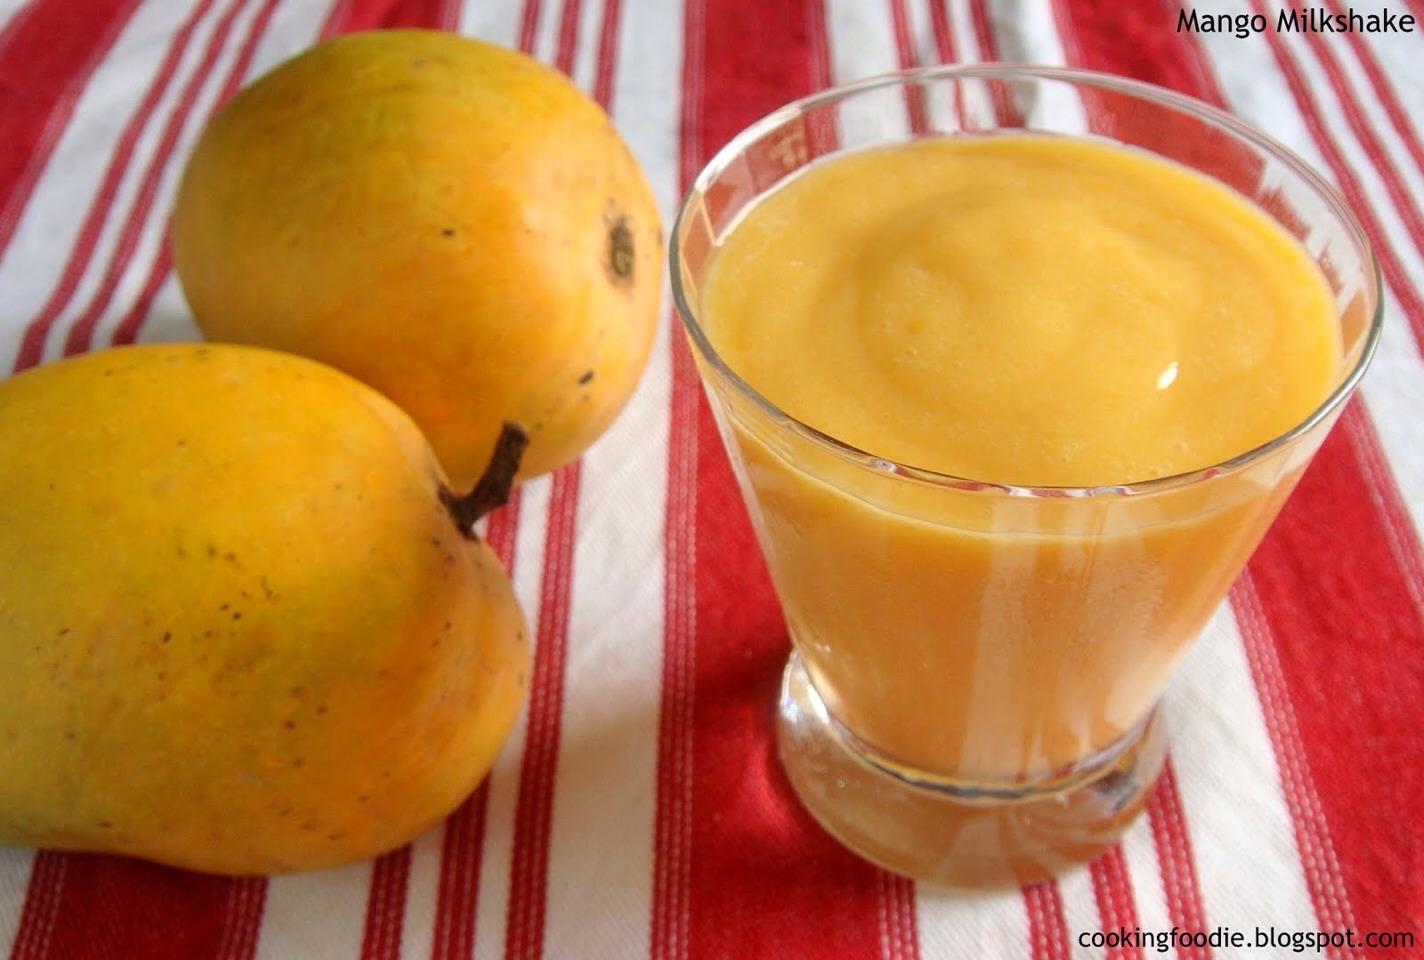 Slushy mango shake